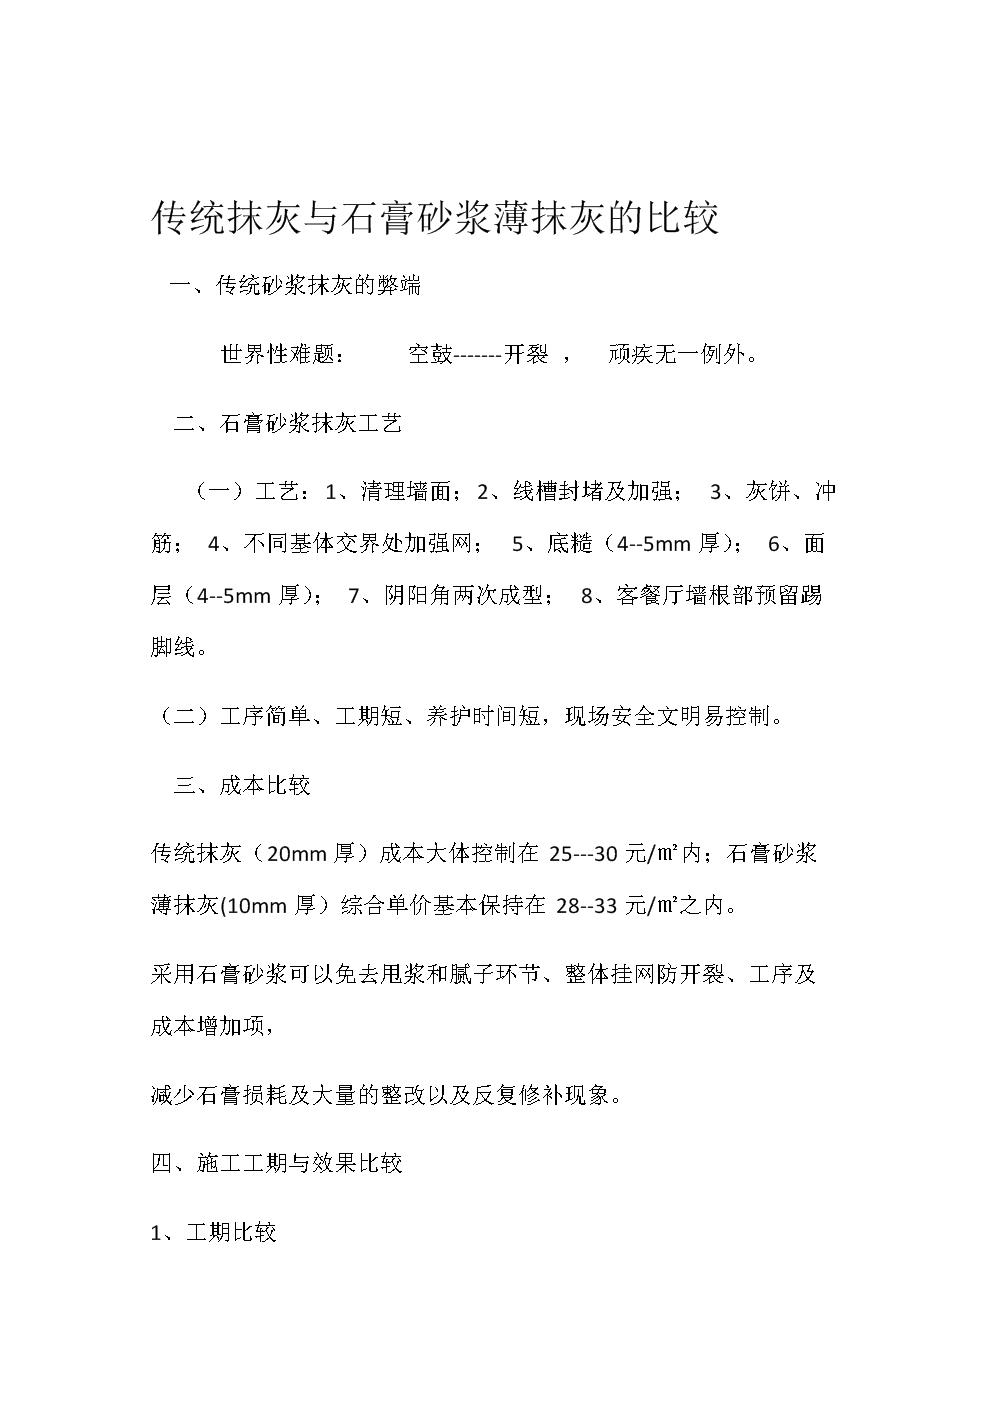 传统抹灰与石膏砂浆抹灰比较.doc